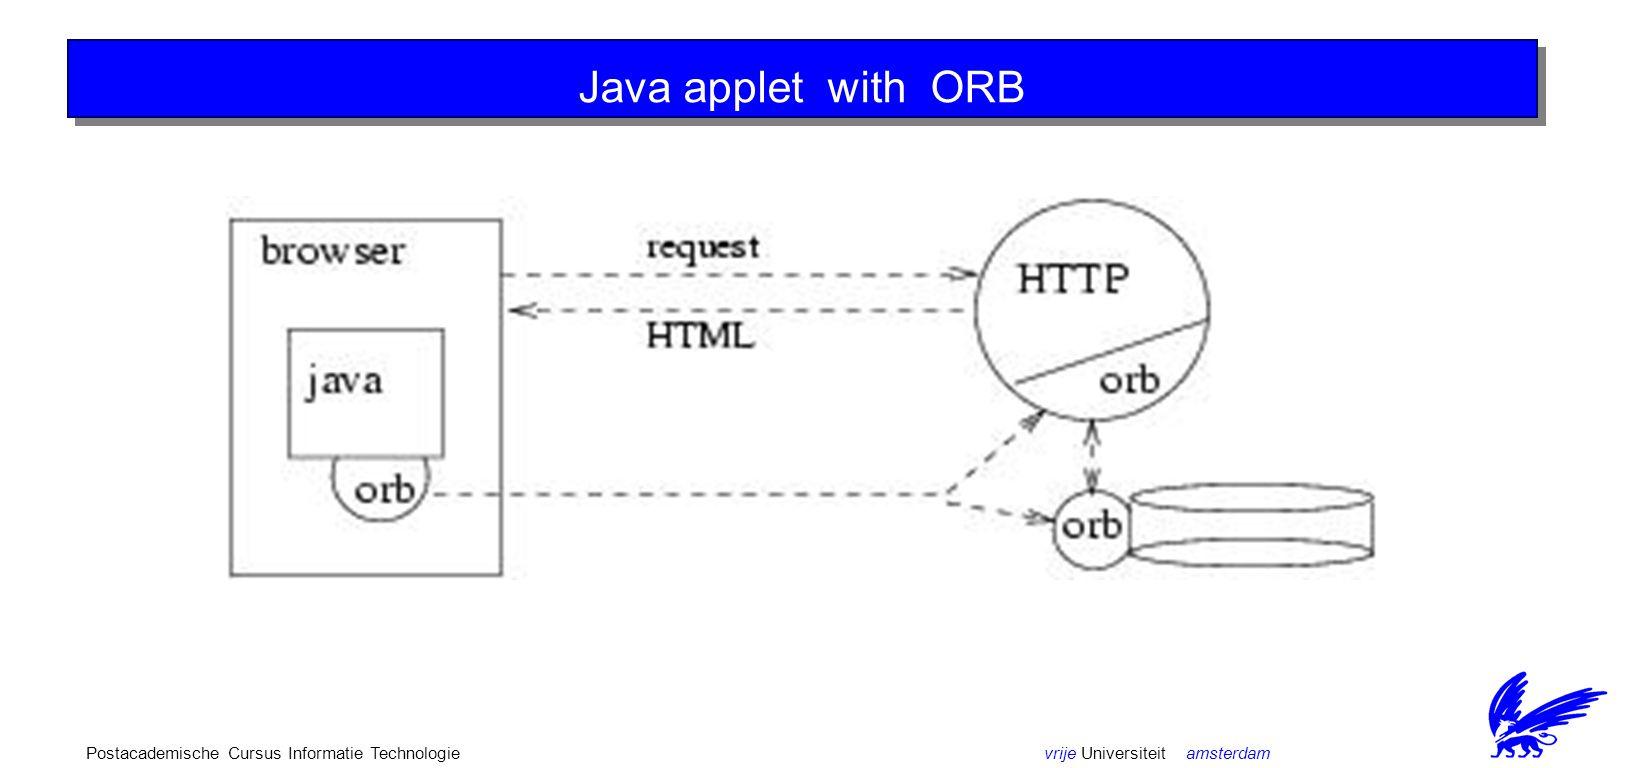 vrije Universiteit amsterdamPostacademische Cursus Informatie Technologie Java applet with ORB